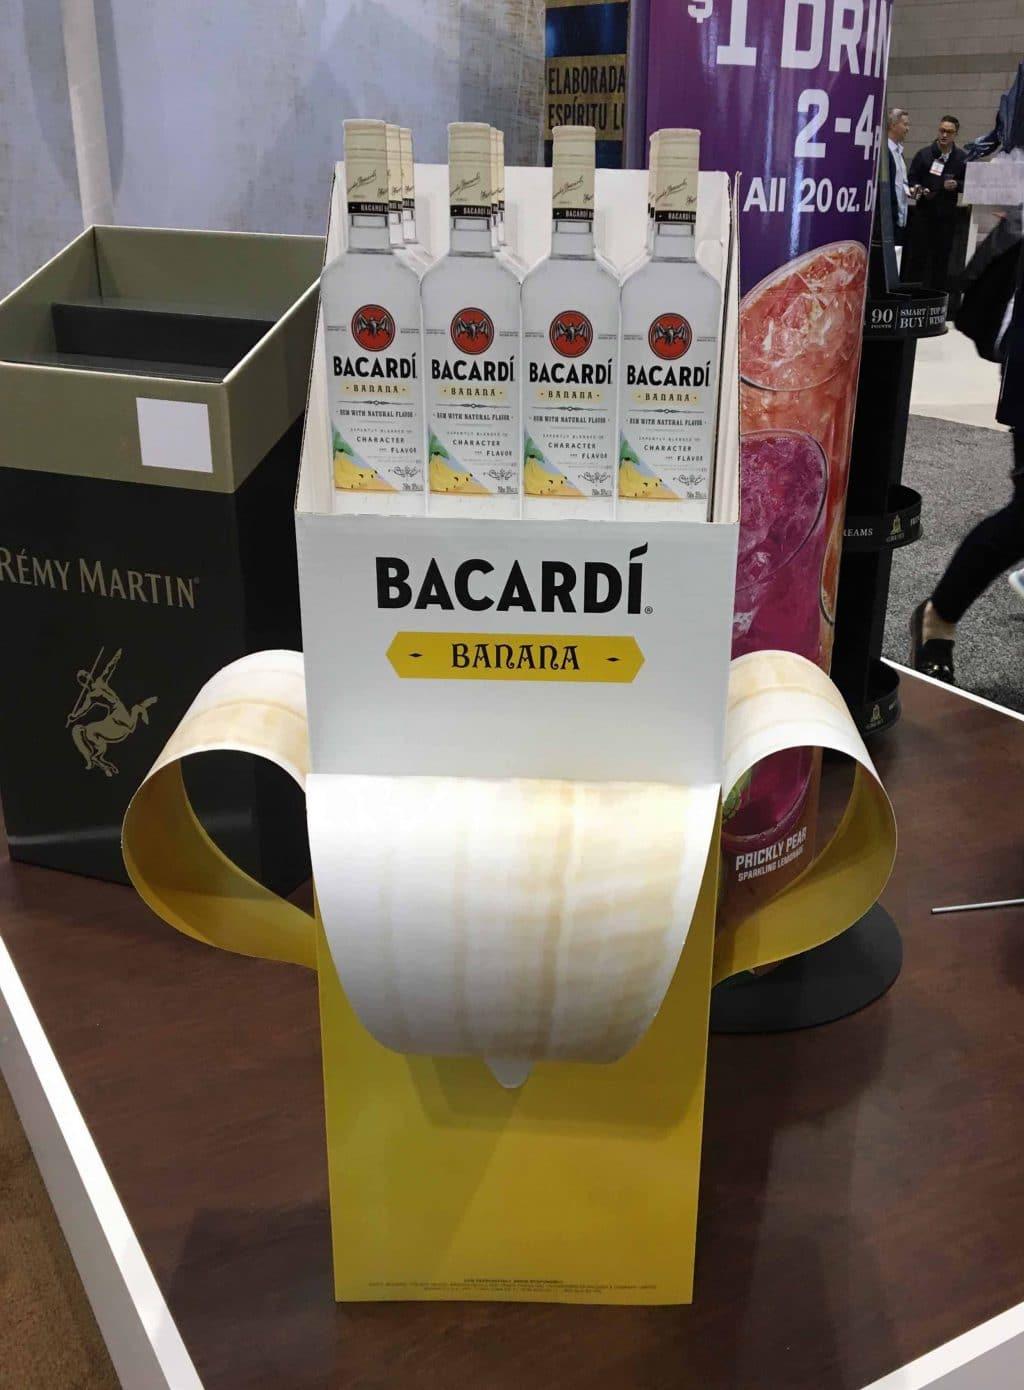 bacardi-banana-origin-agency-display-retail.jpg